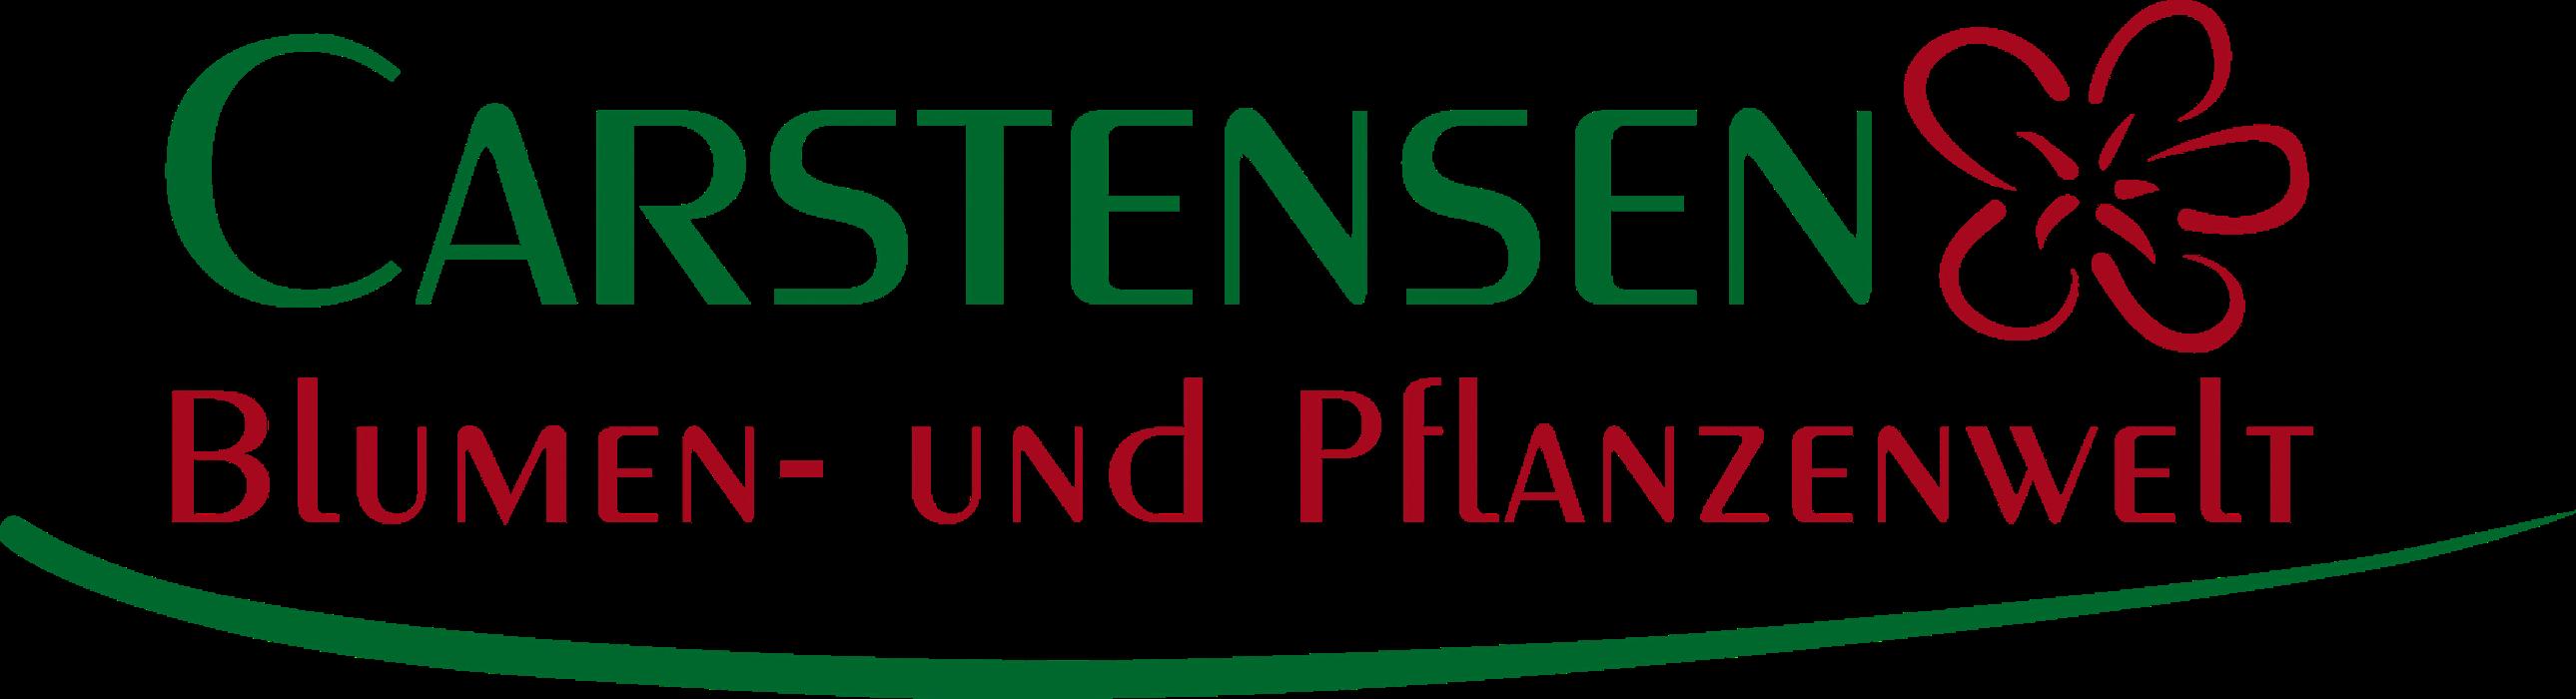 Bild zu Carstensen Blumen- und Pflanzenwelt in Leck